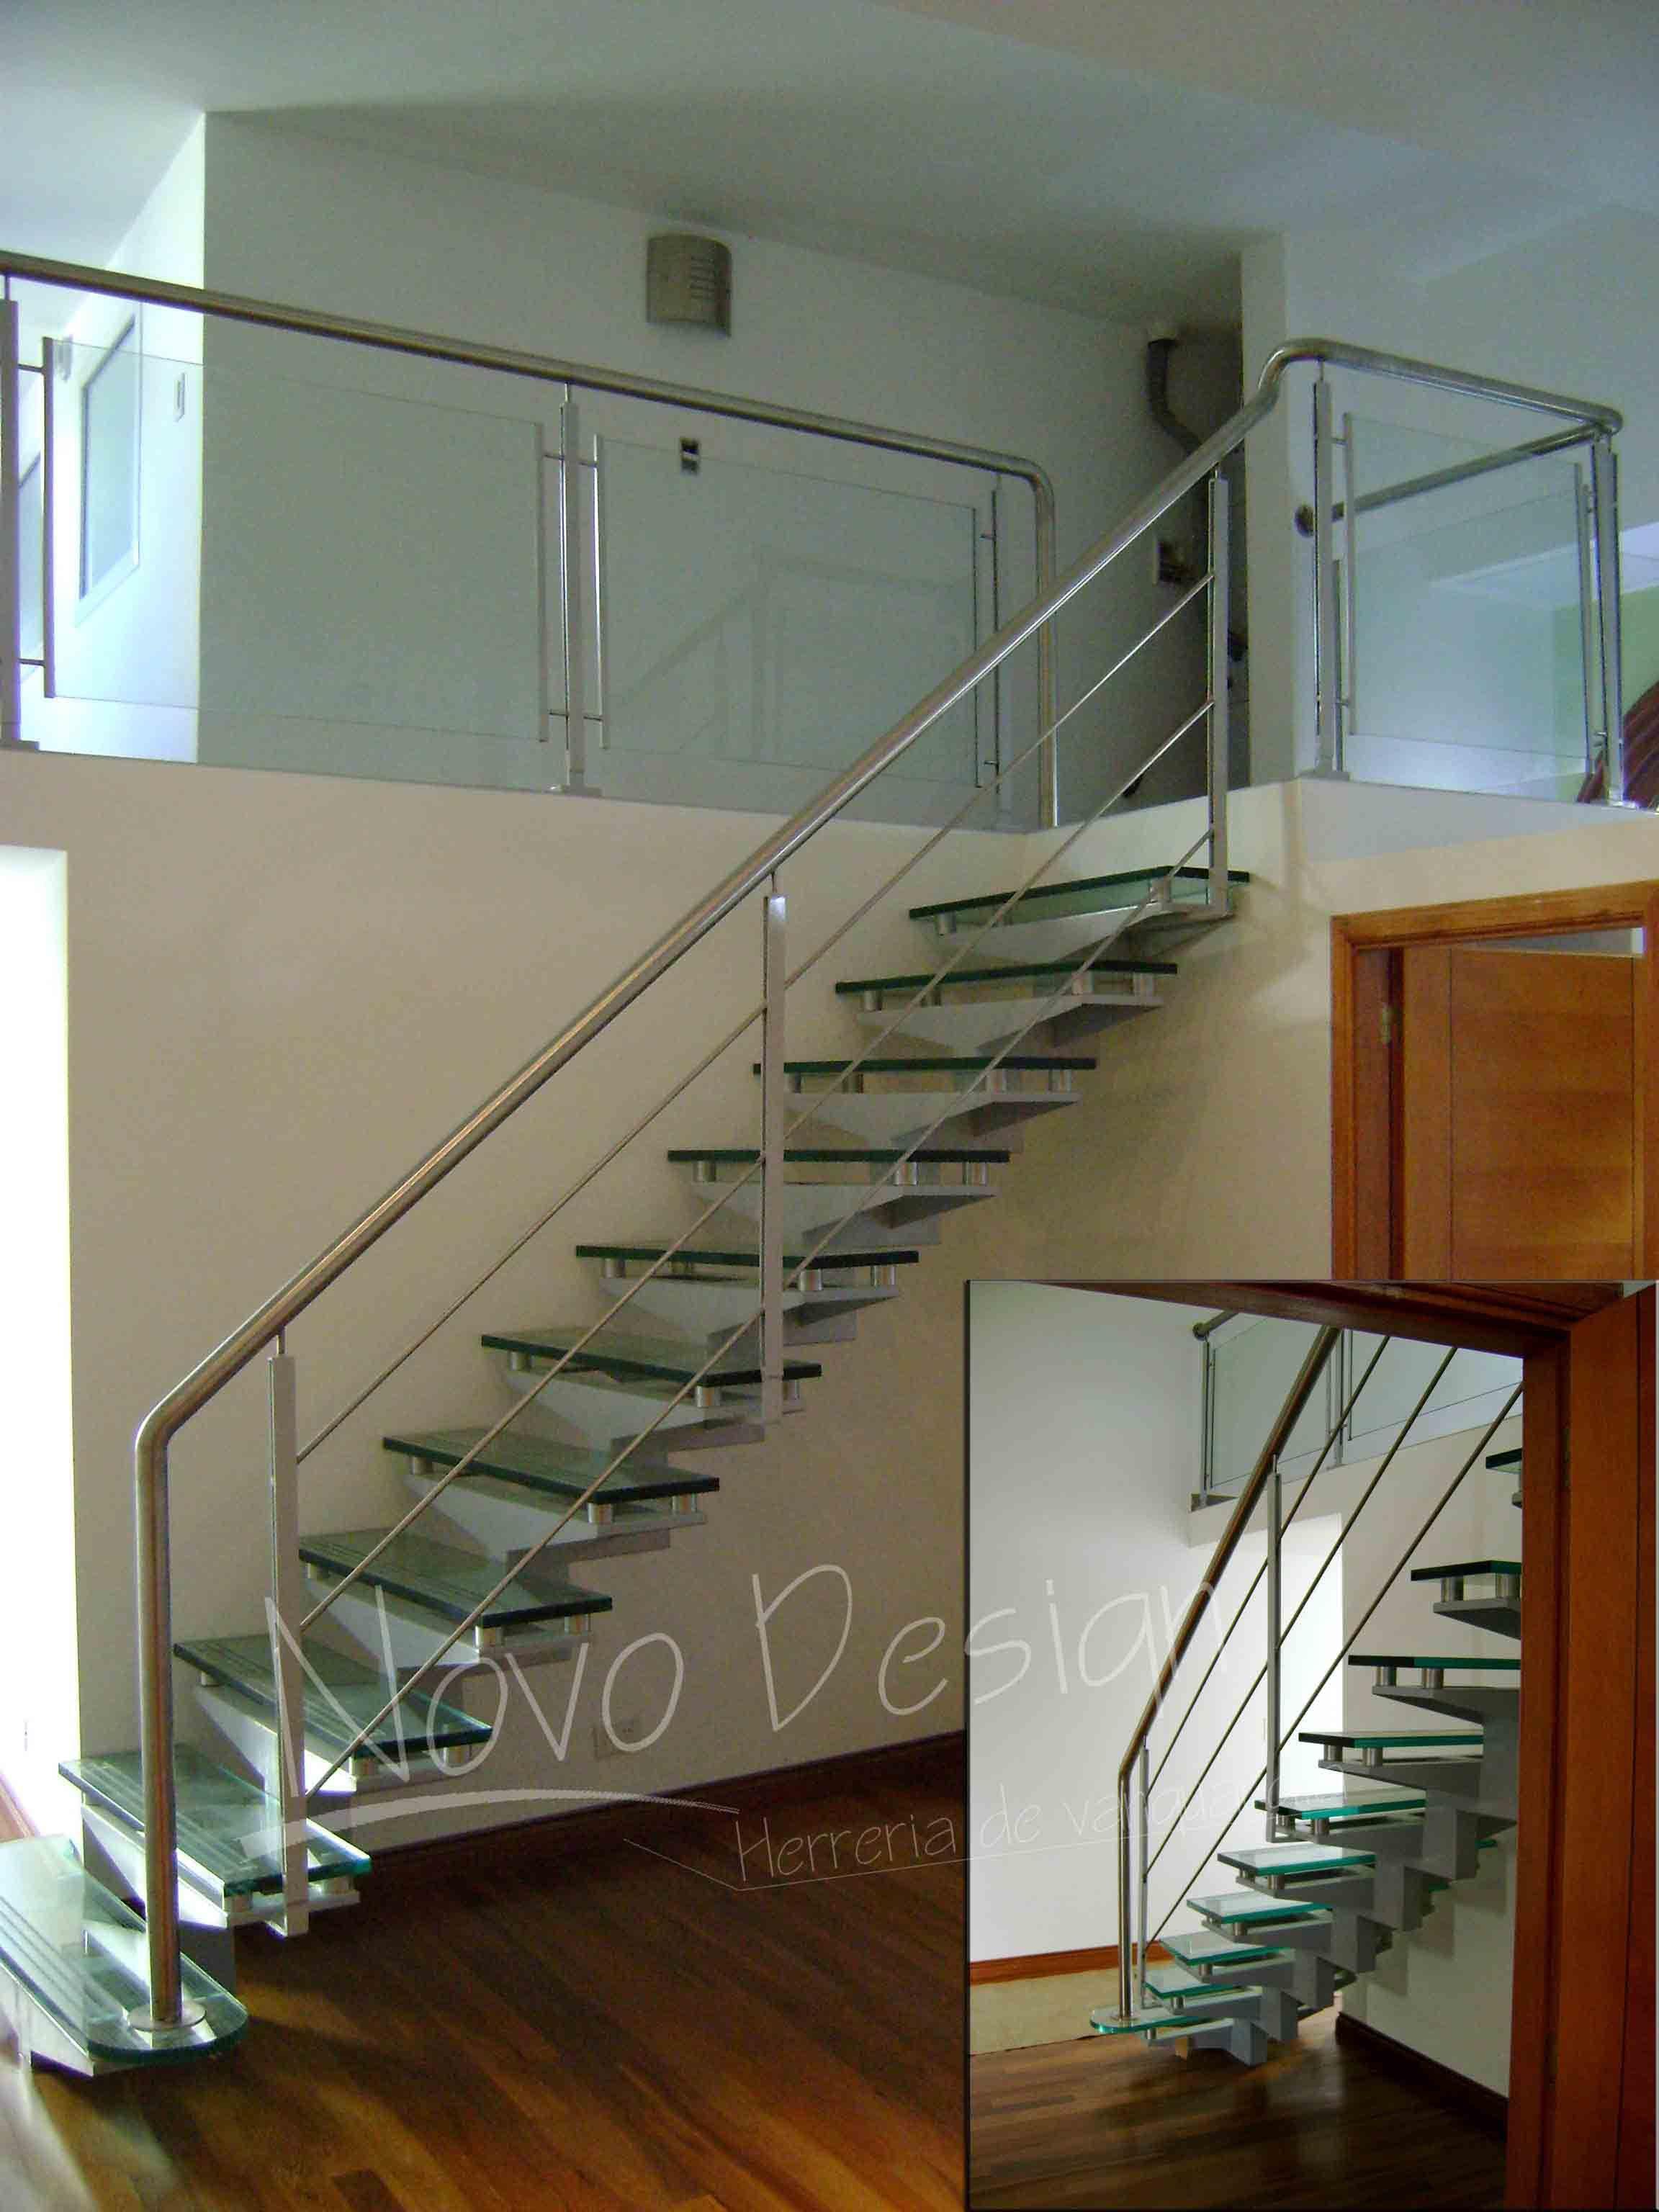 Barandas de escaleras interiores vi diseo novedoso de escaleras modernas escaleras y balcones - Escaleras de cristal y madera ...